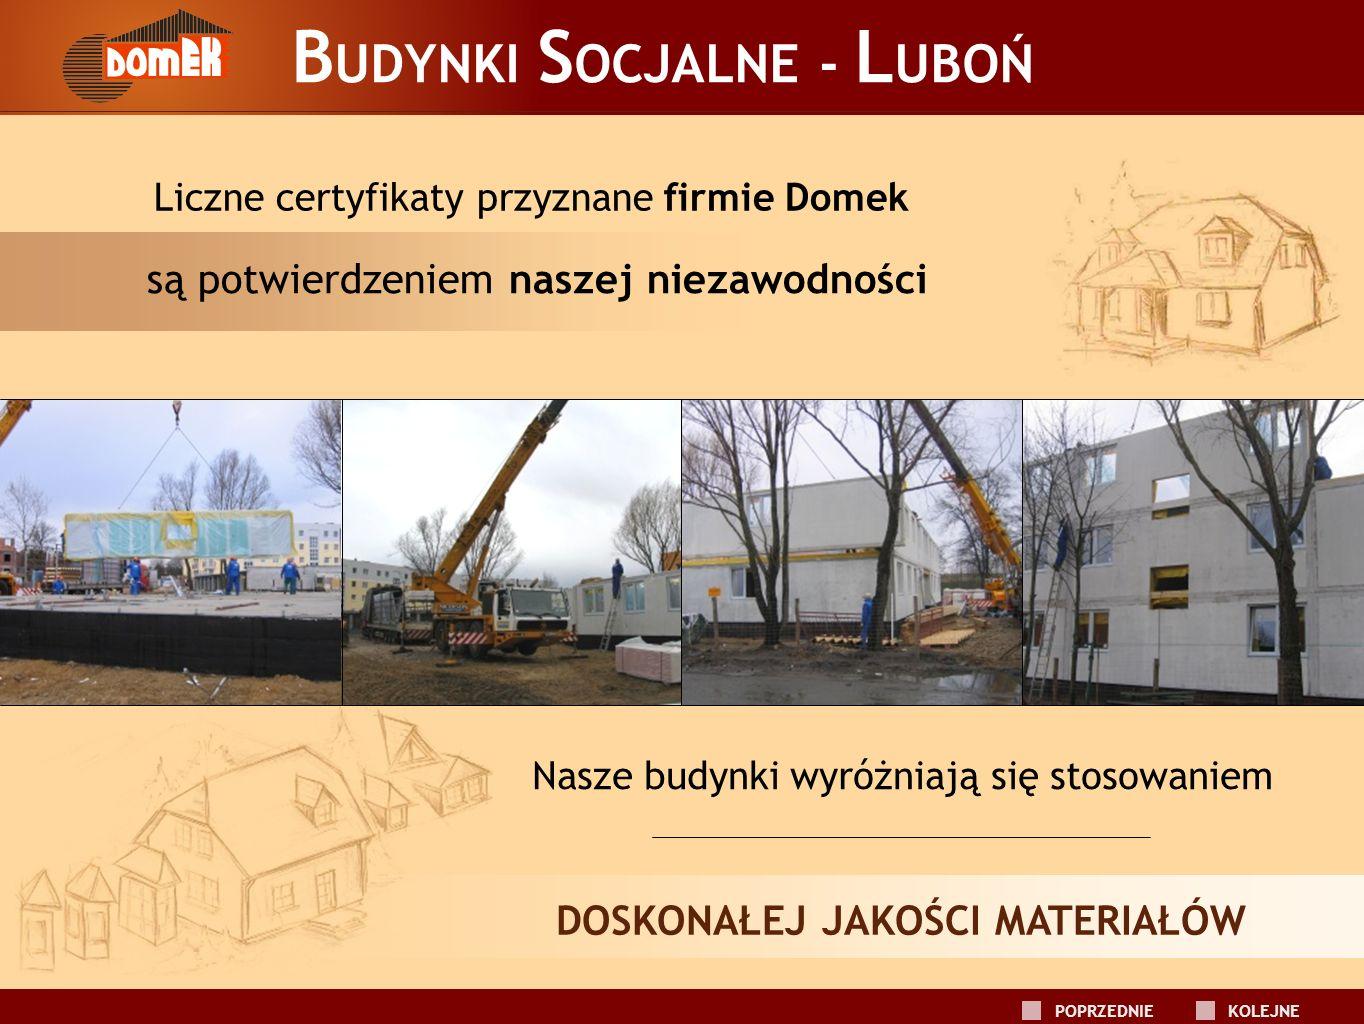 B UDYNKI S OCJALNE - L UBOŃ Liczne certyfikaty przyznane firmie Domek Nasze budynki wyróżniają się stosowaniem DOSKONAŁEJ JAKOŚCI MATERIAŁÓW są potwie